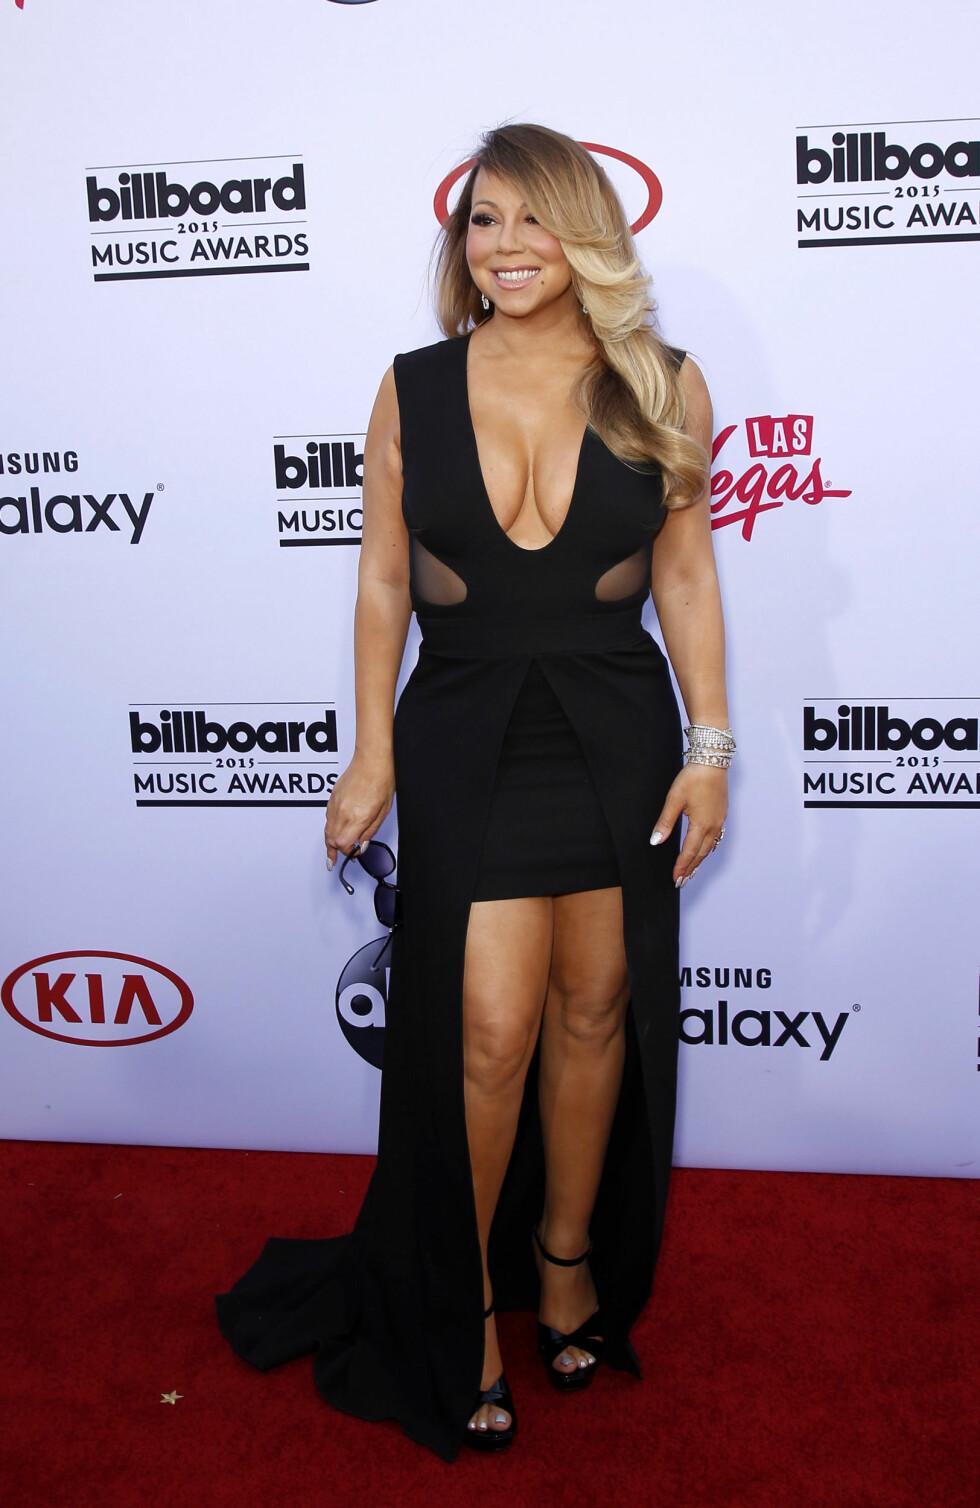 UTRINGNING: Mariah Carey velger ofte antrekk med dyp utringning. Foto: wenn.com Scanpix